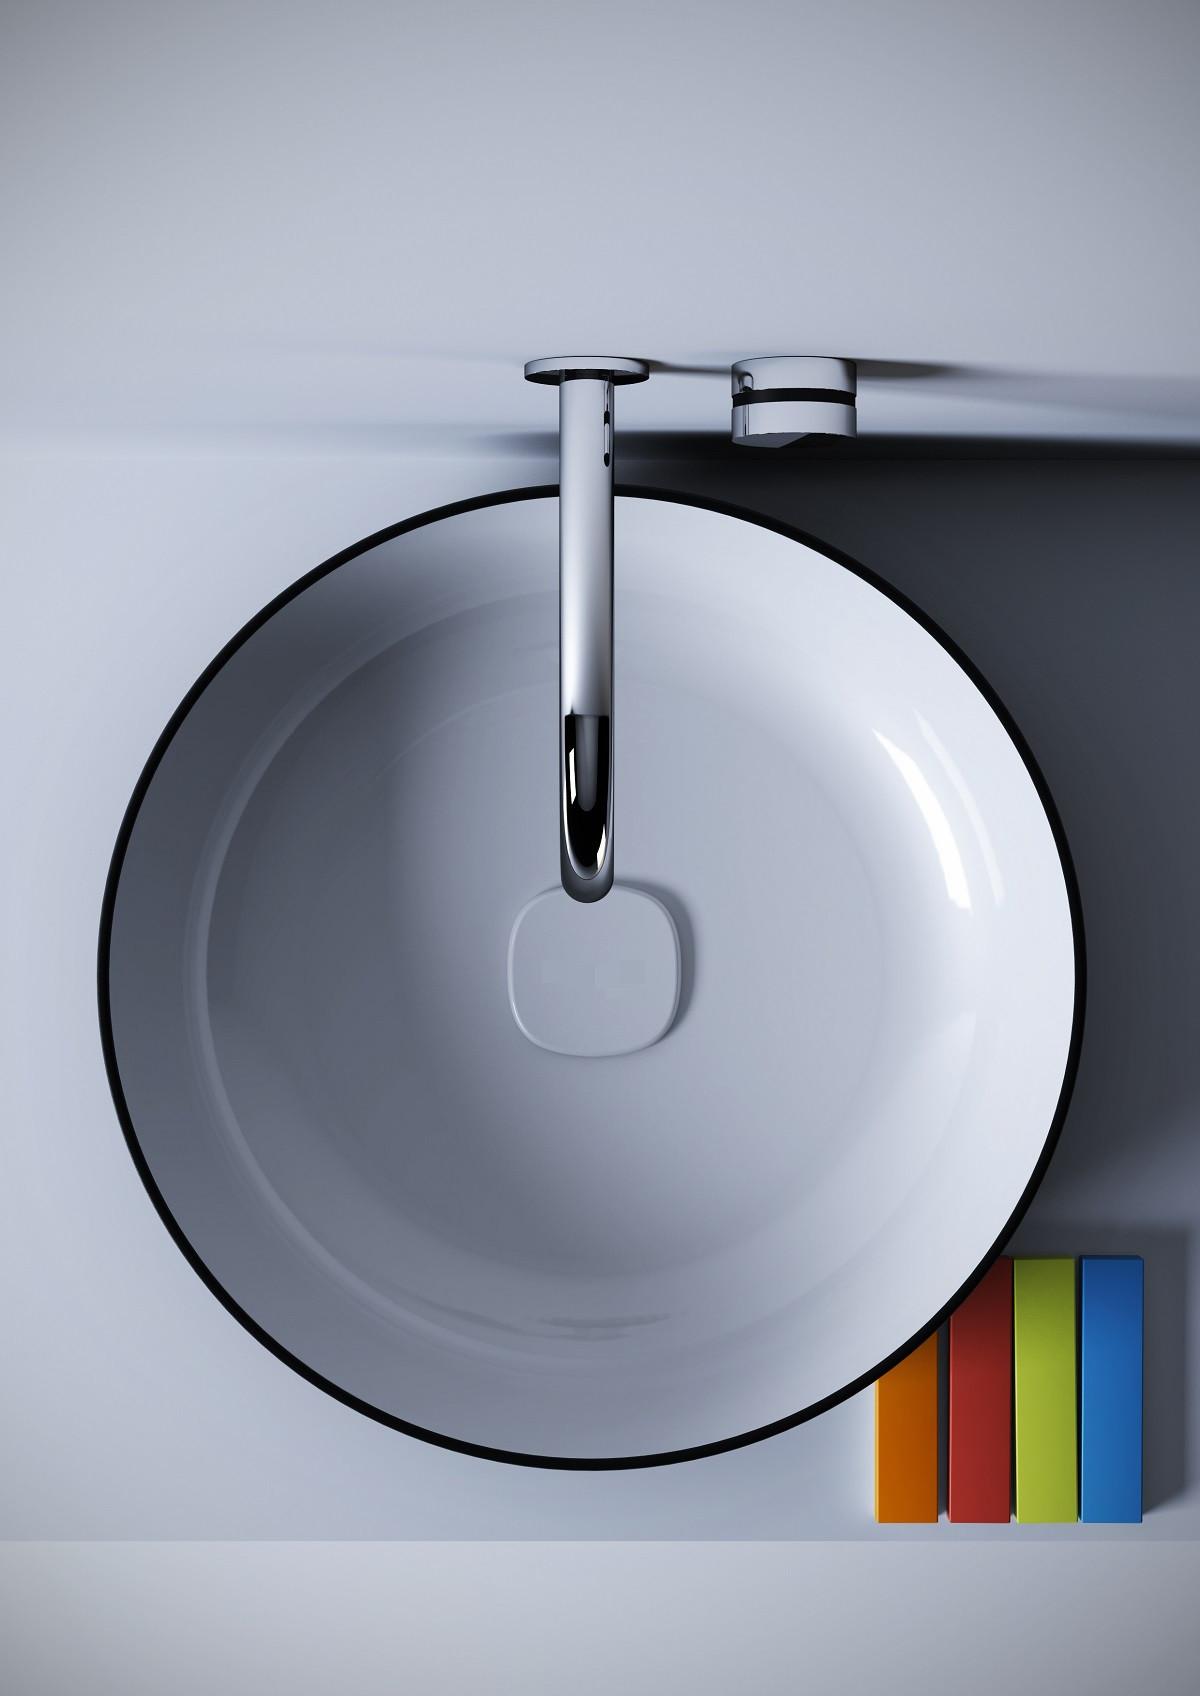 Aquatica Metamorfosi-R-Blck-Wht Round Vessel Sink In Black & White Color